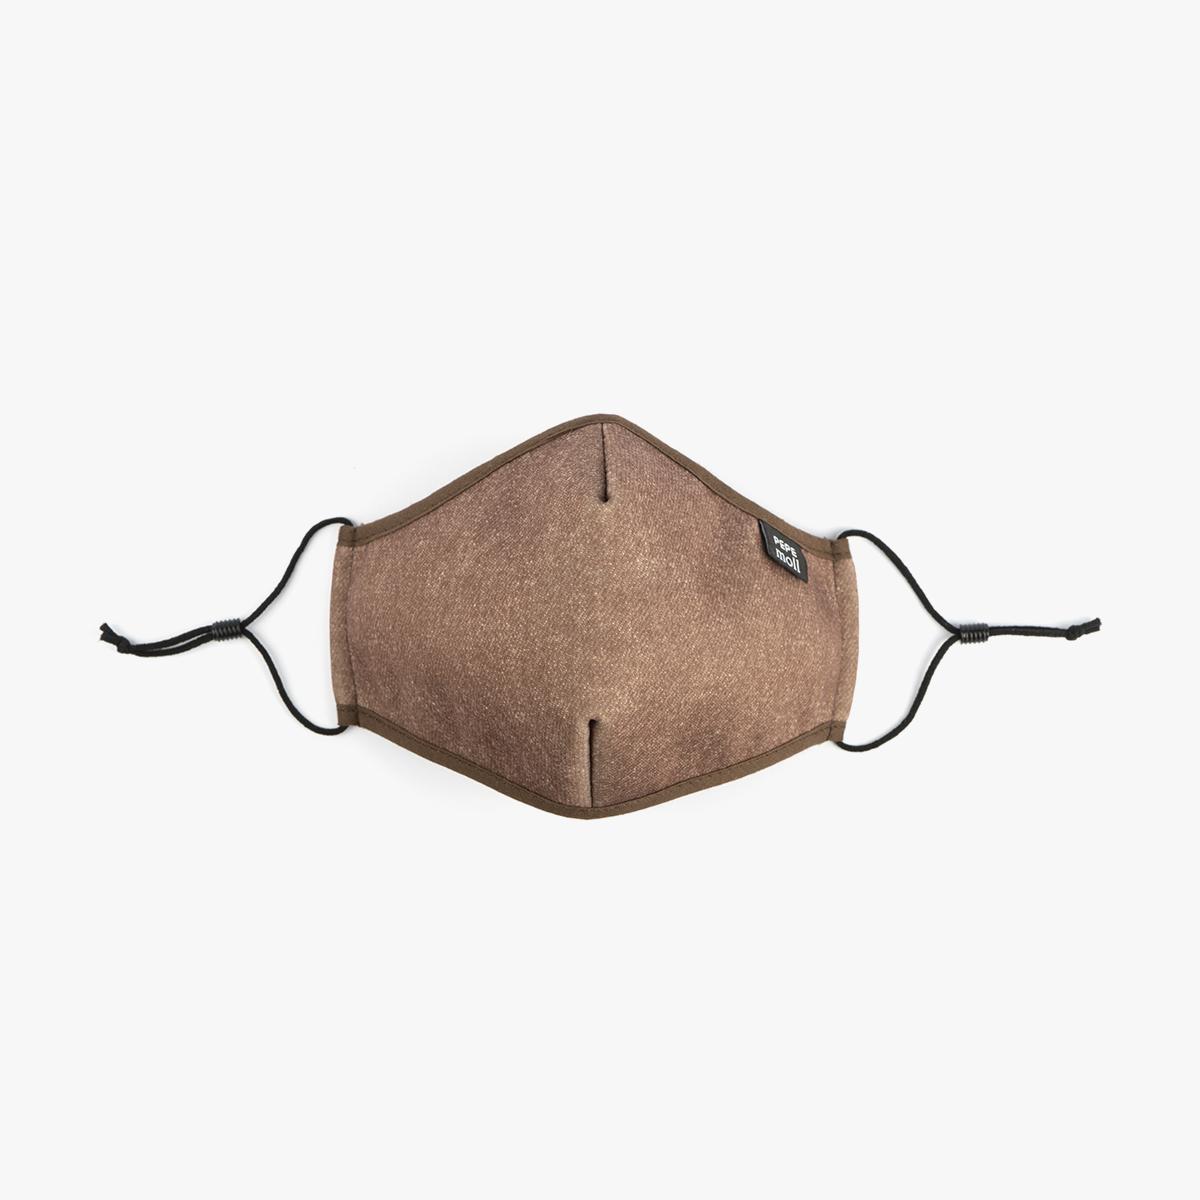 Mascarillas tejano marrón para niño y niño